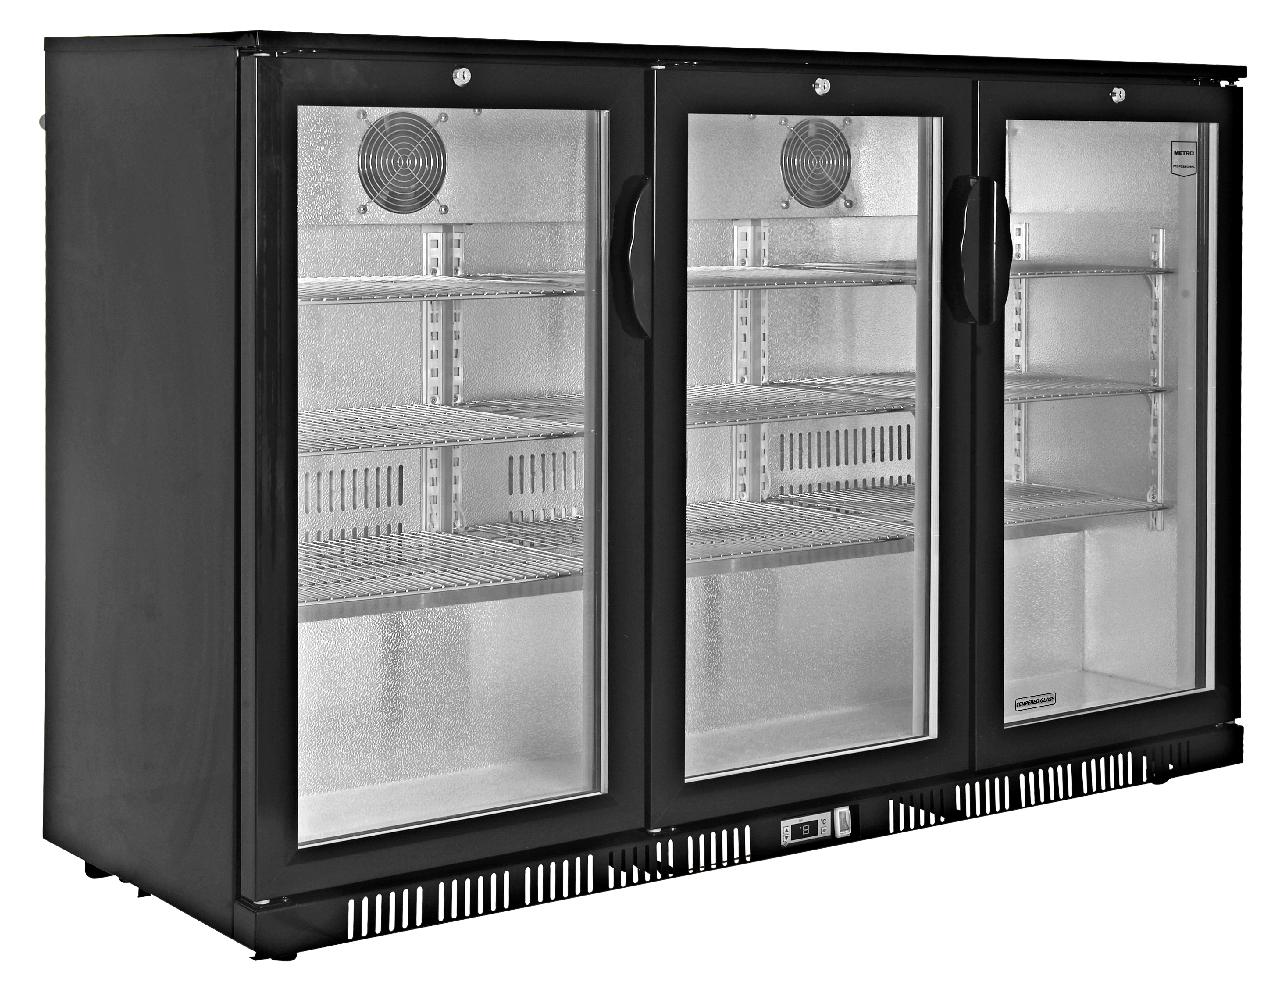 Bosch Kühlschrank Becks : Bosch becks kühlschrank aktion kühl gefrierkombinationen bosch